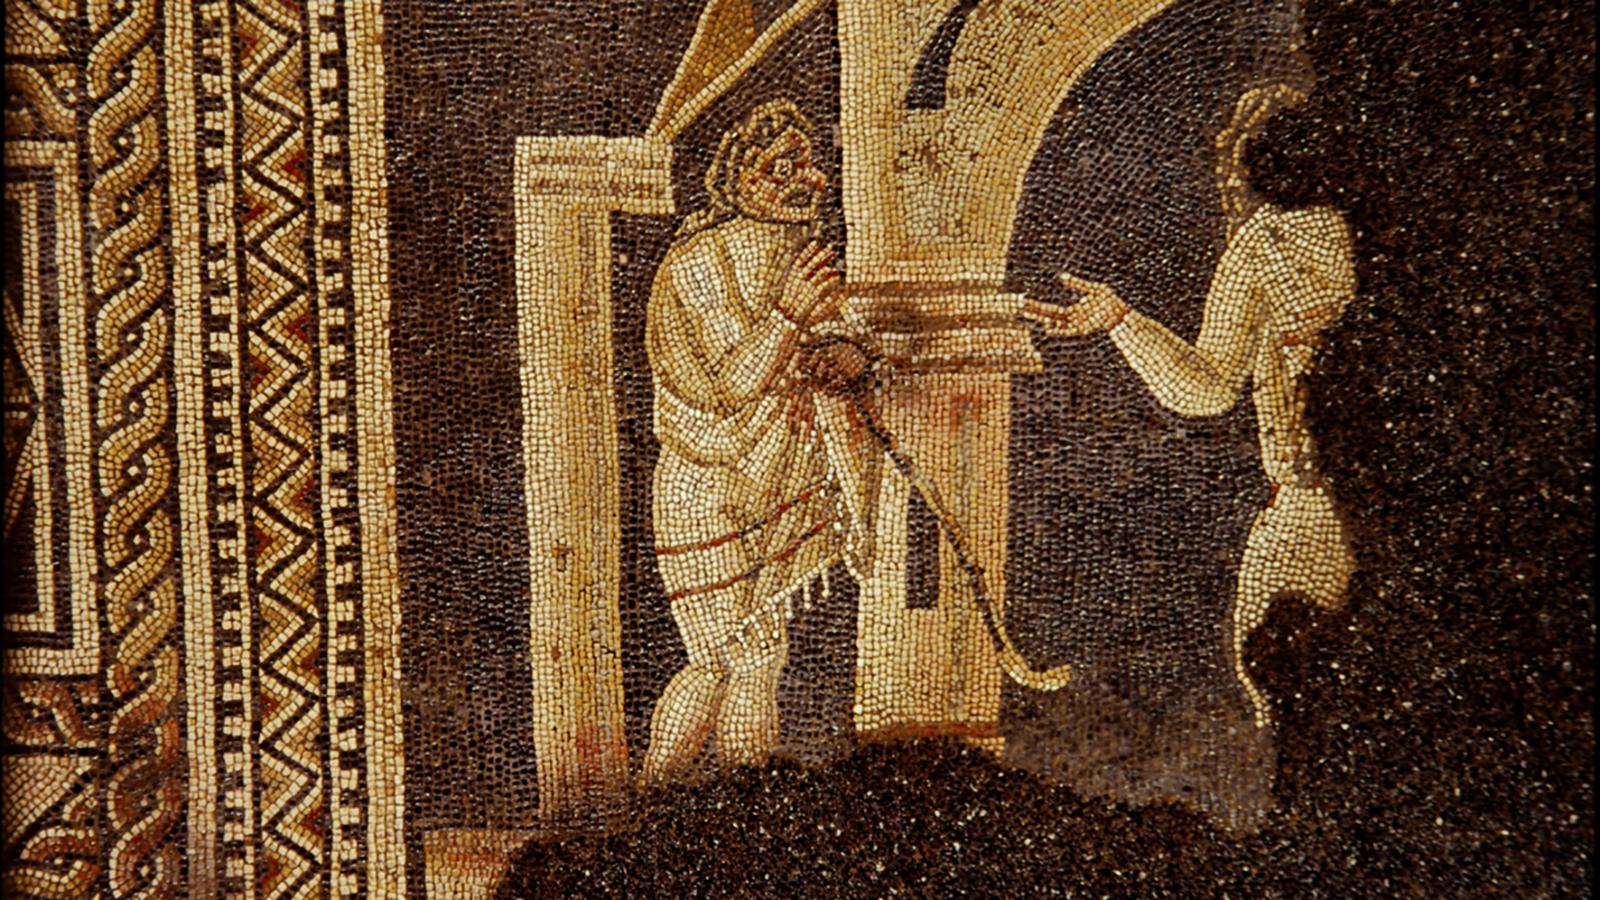 Mosaïque détail du panneau central